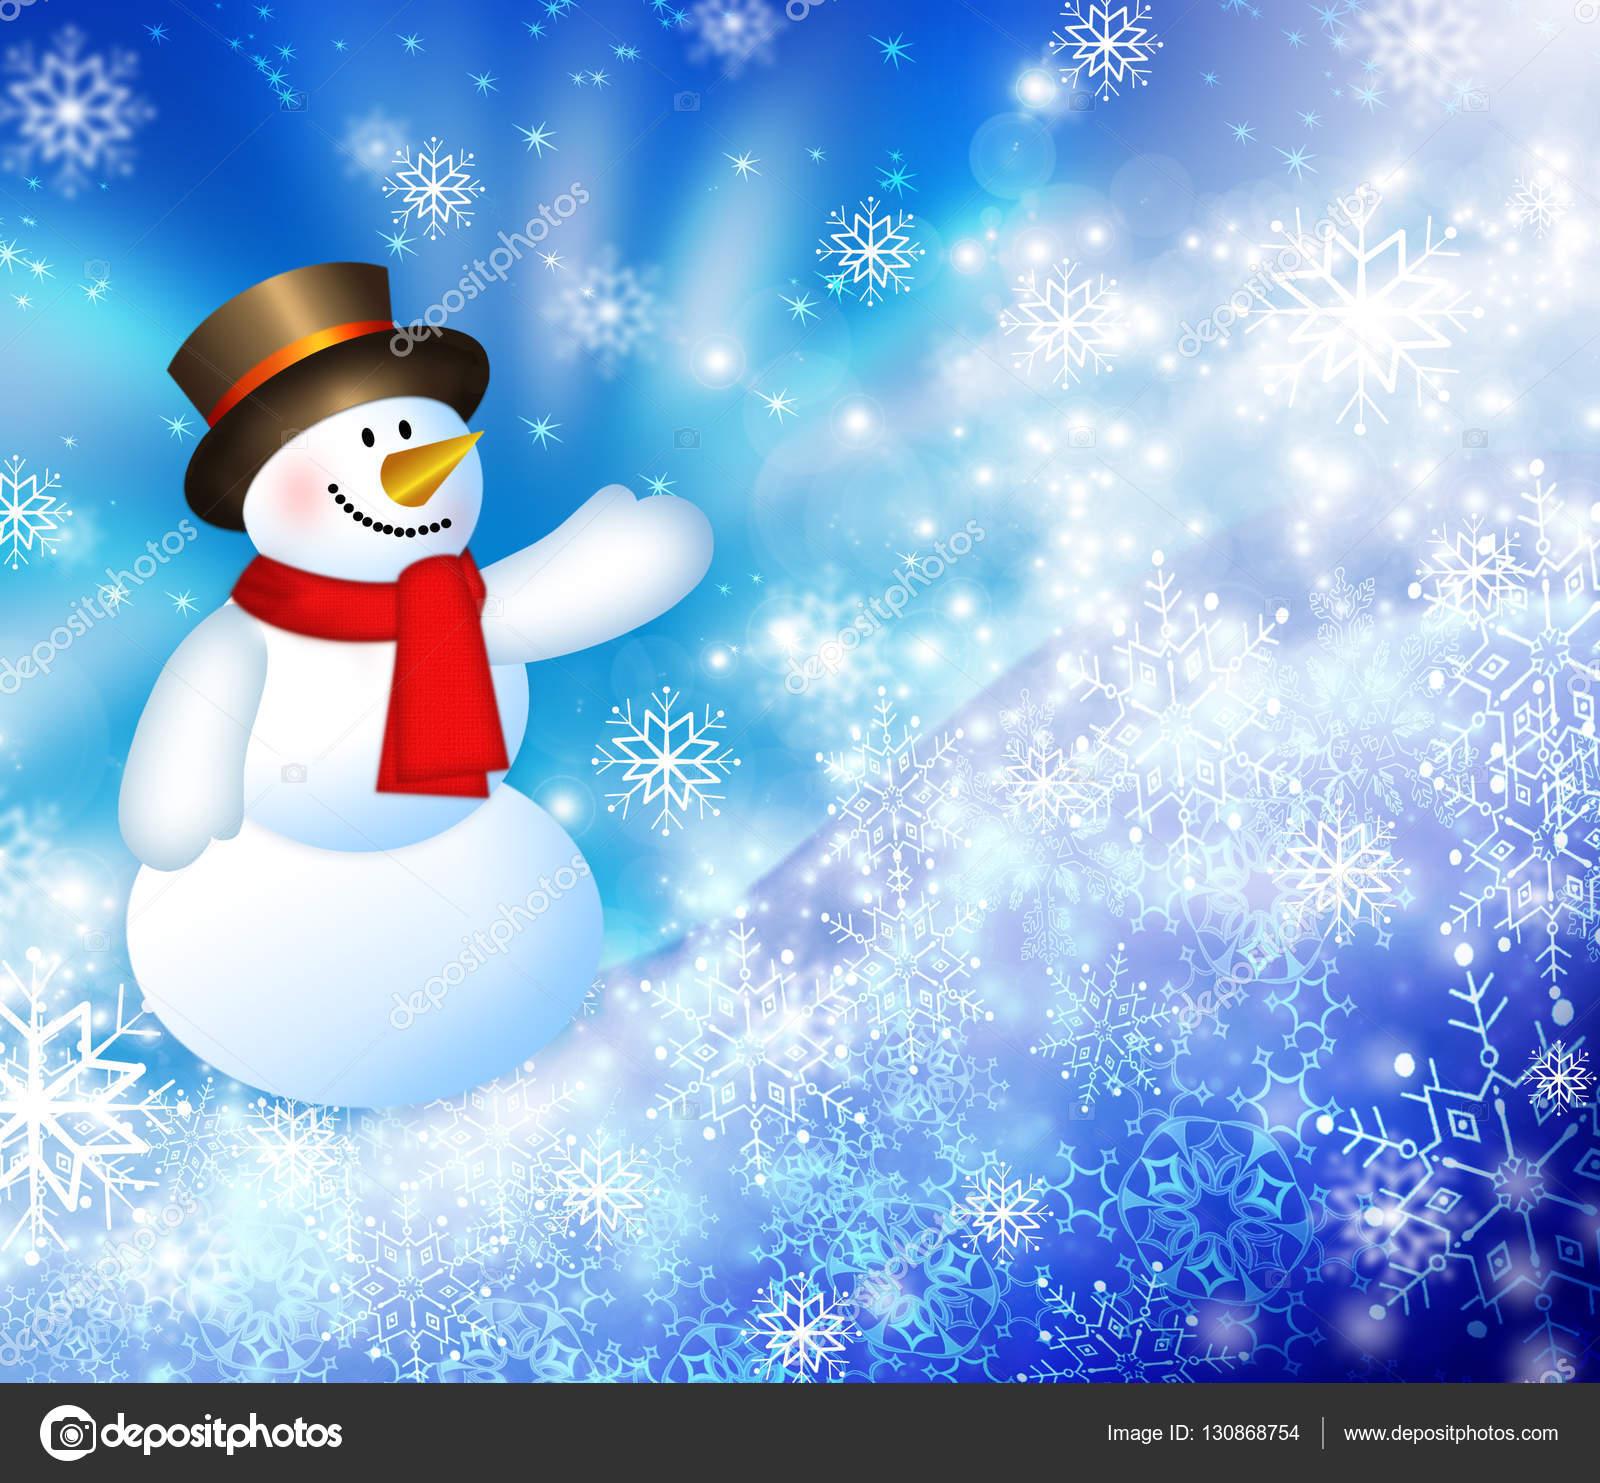 Weihnachten-Schneemann-Hintergrund — Stockfoto © stori #130868754